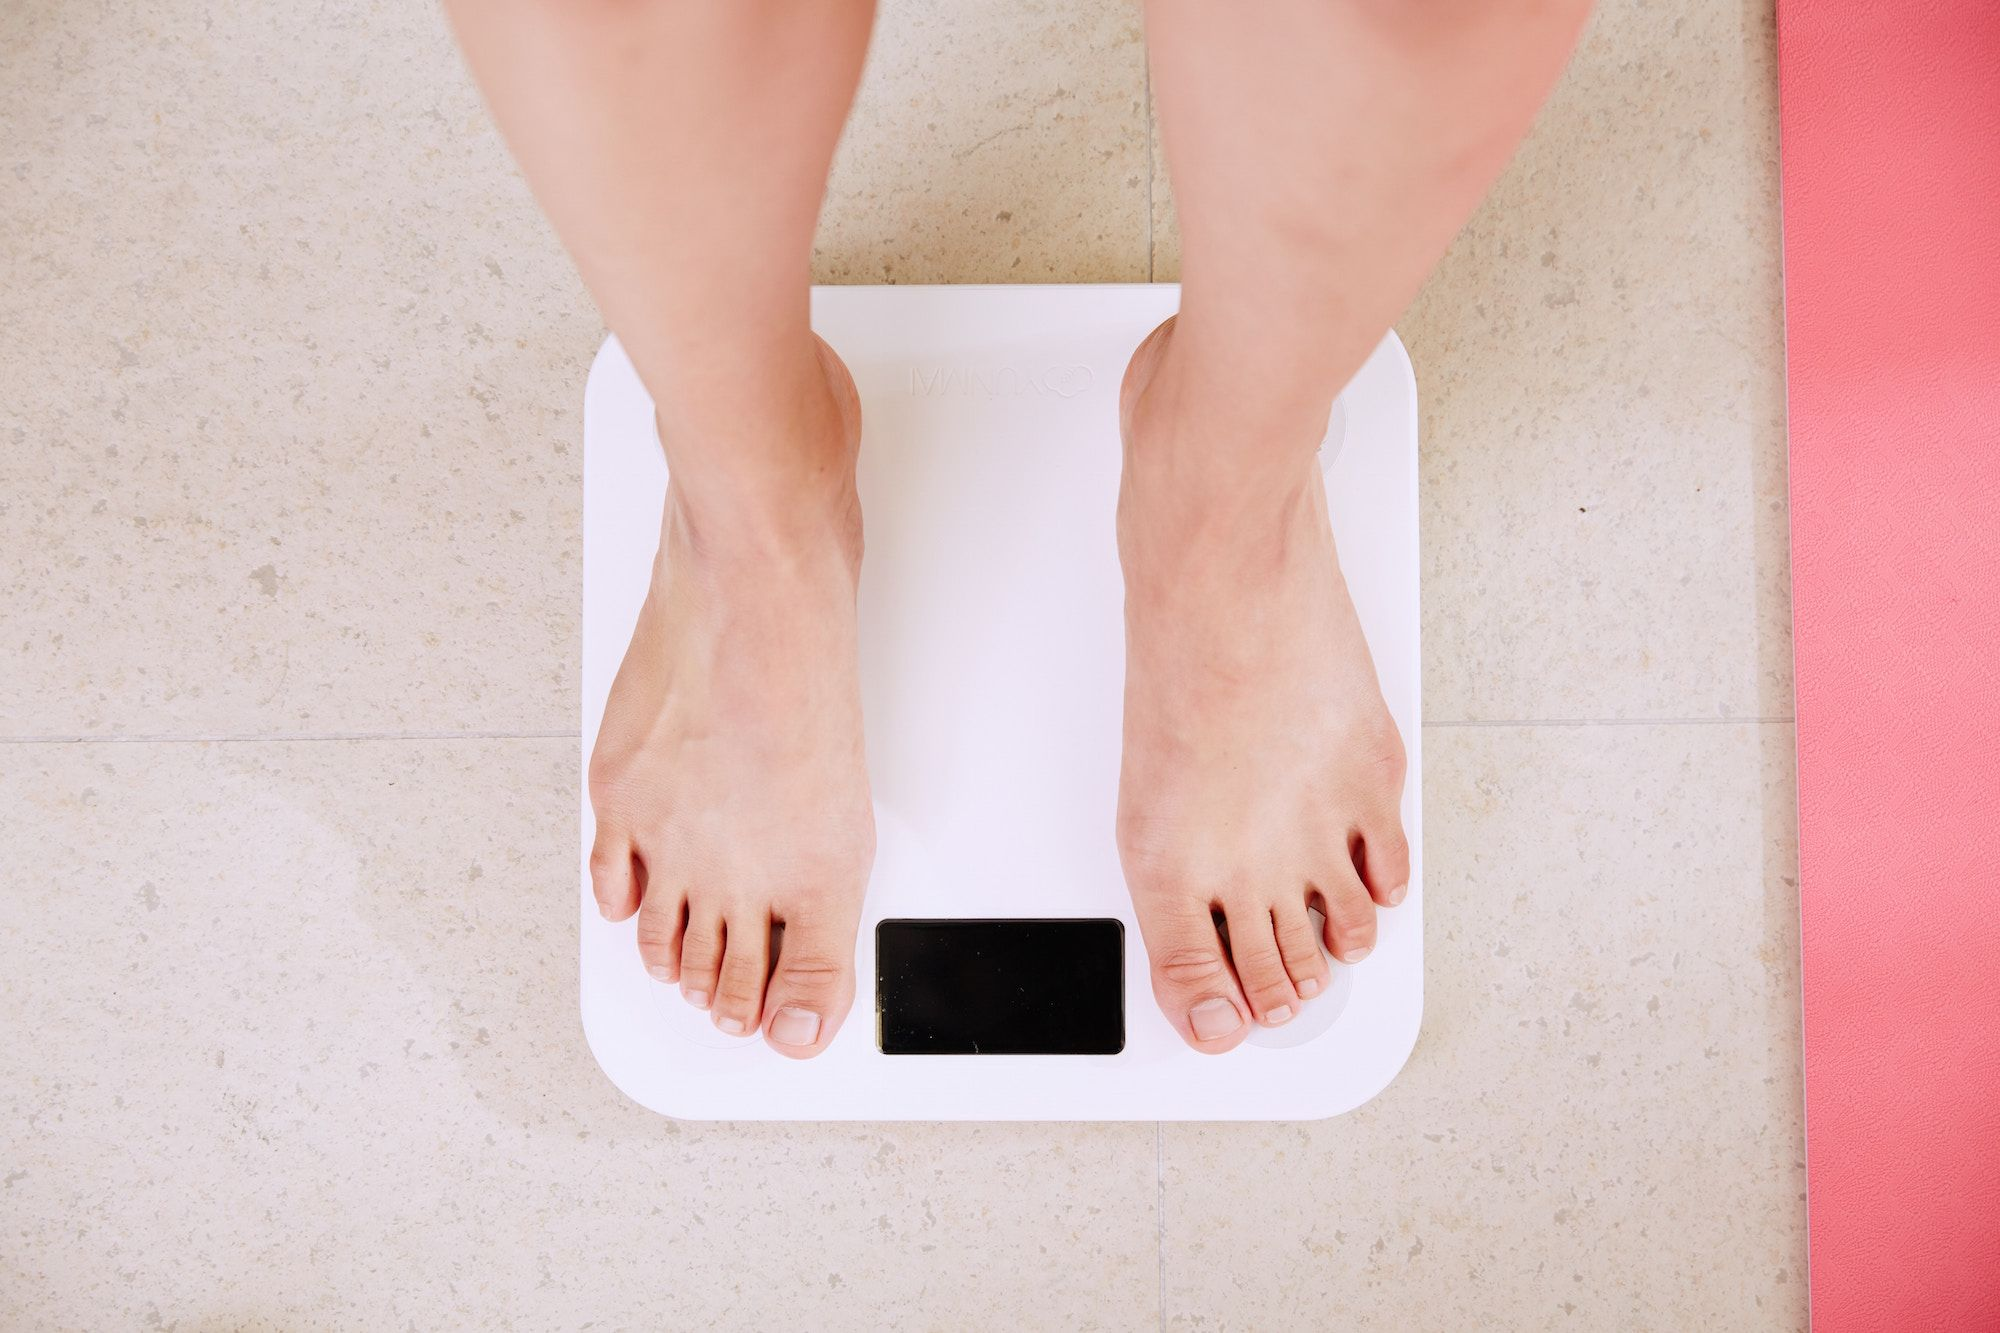 come perdere 5 chili velocemente e tenerlo spento